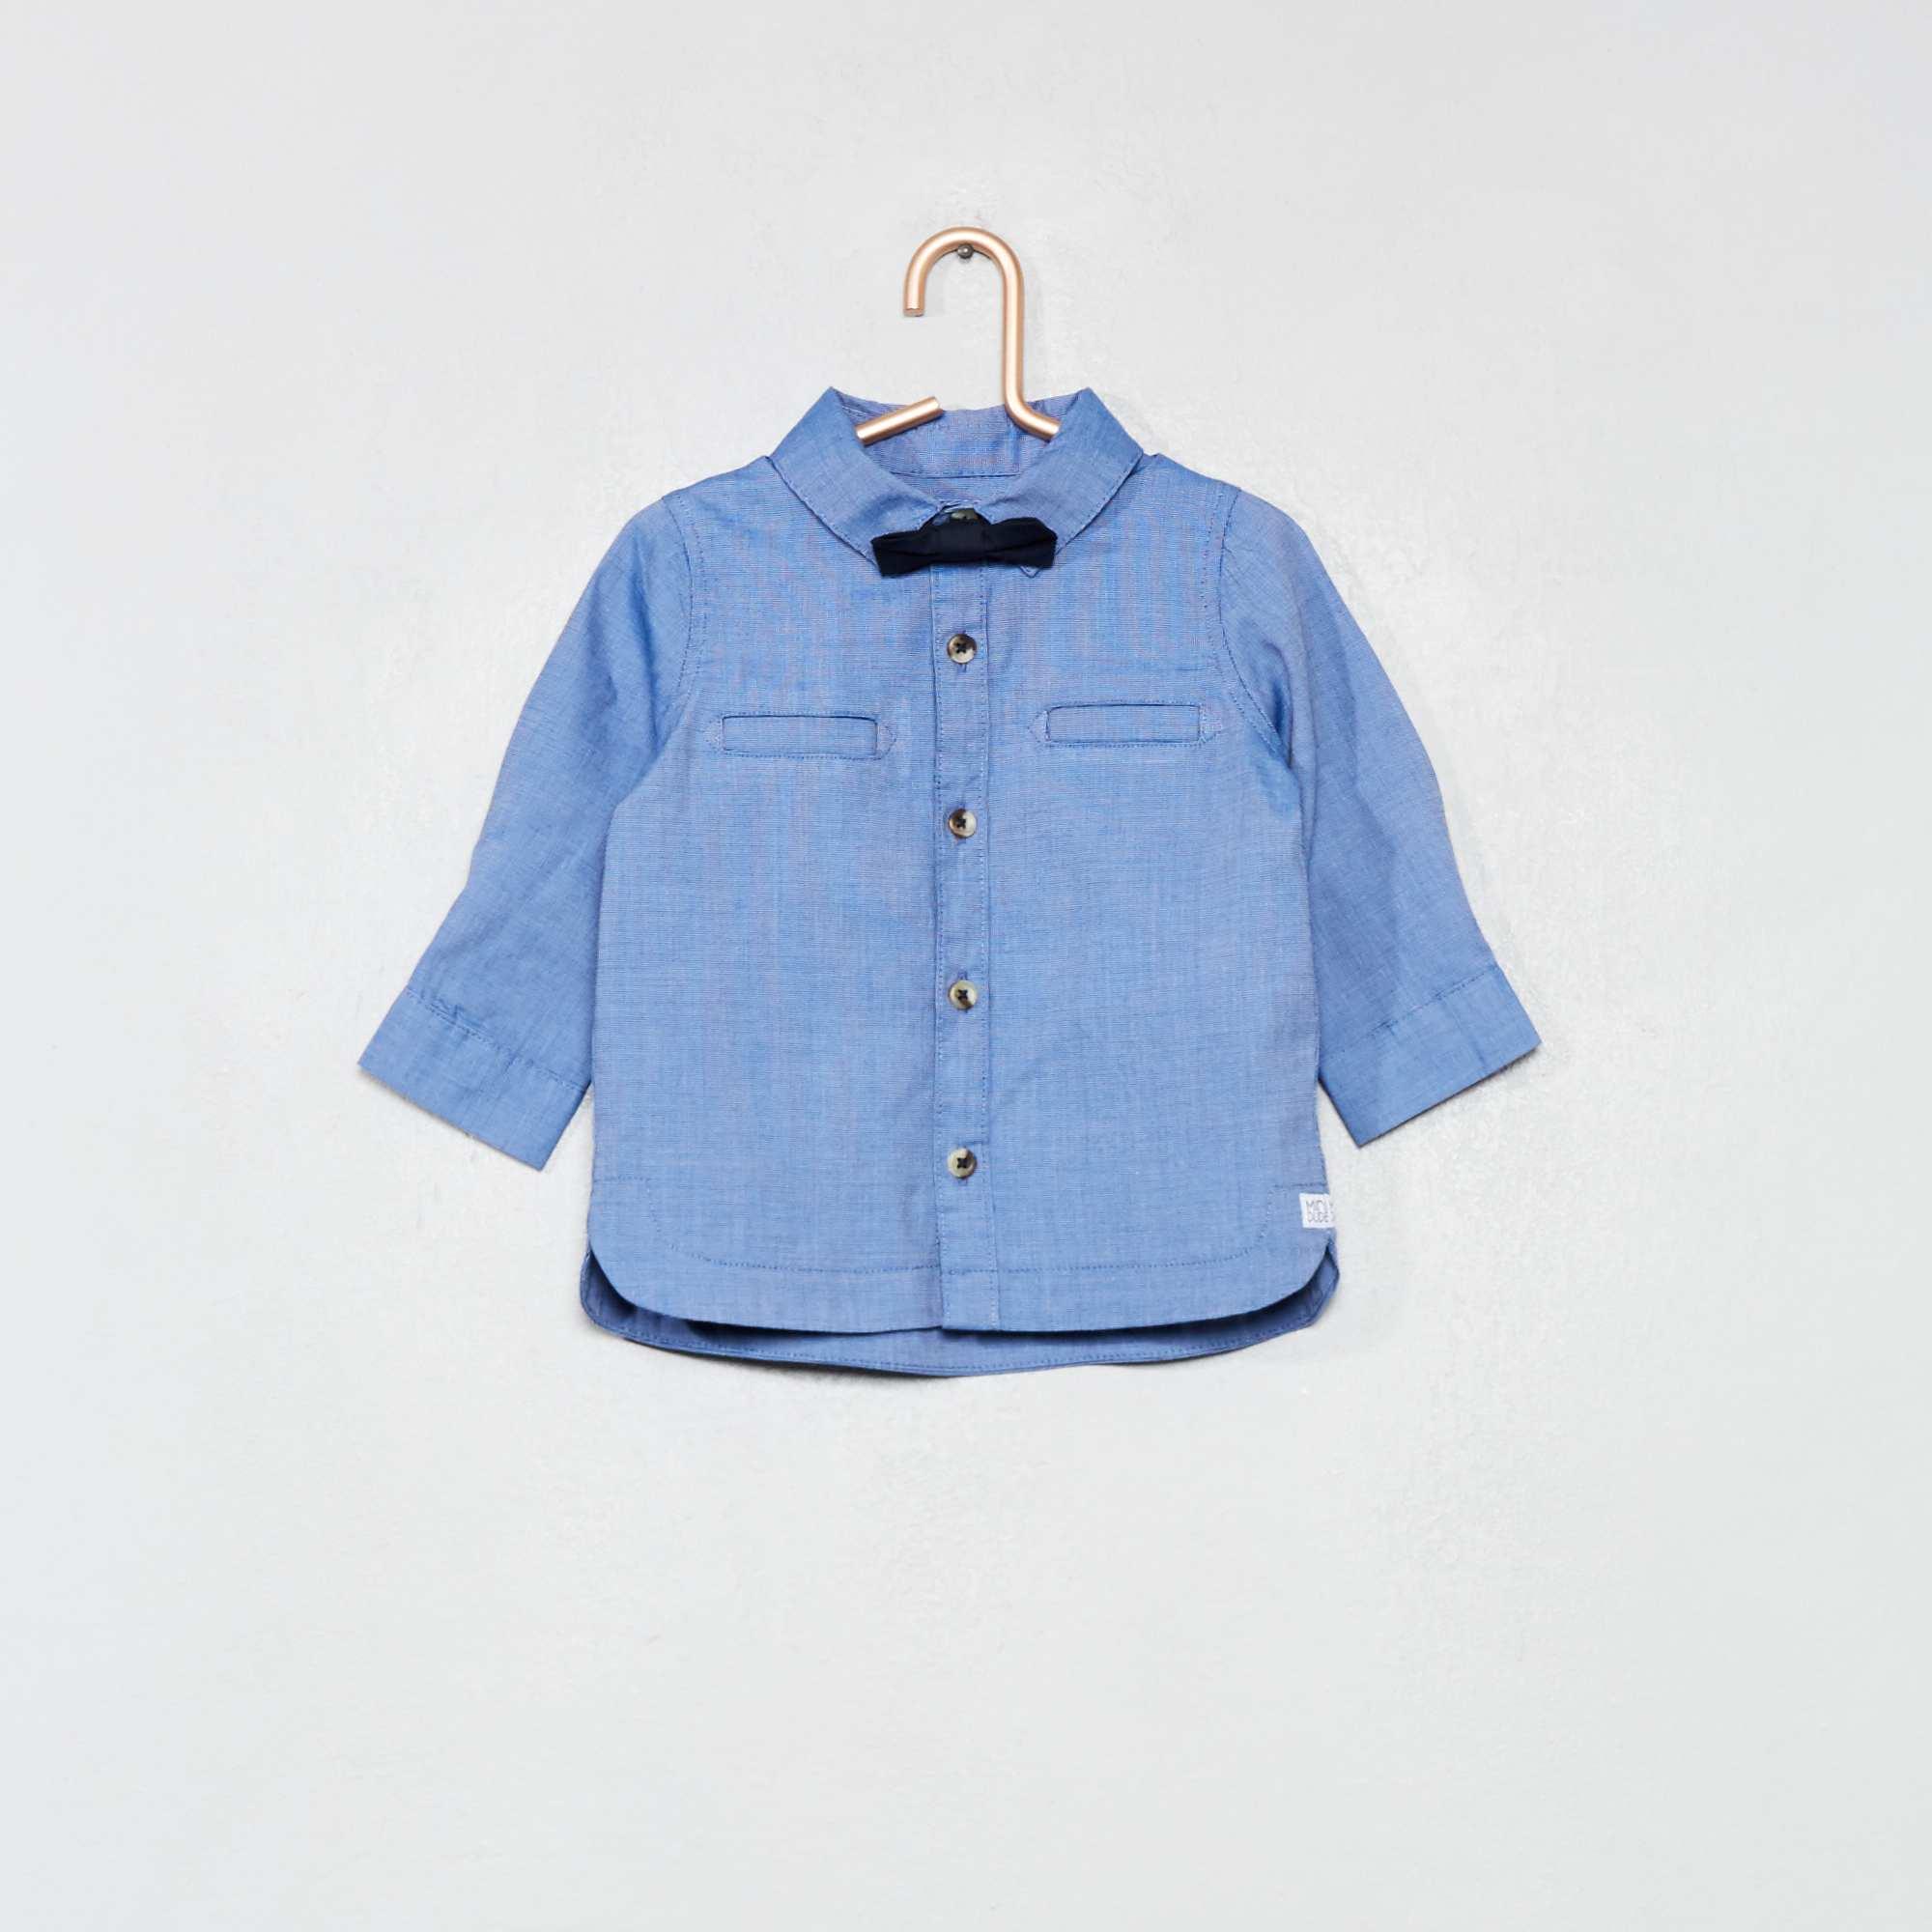 ebbf23a9479f5 Ensemble chemise + nœud papillon amovible bleu Bébé garçon. Loading zoom.  Cliquez sur l'image pour l'agrandir. zoom. Enregistrer ...